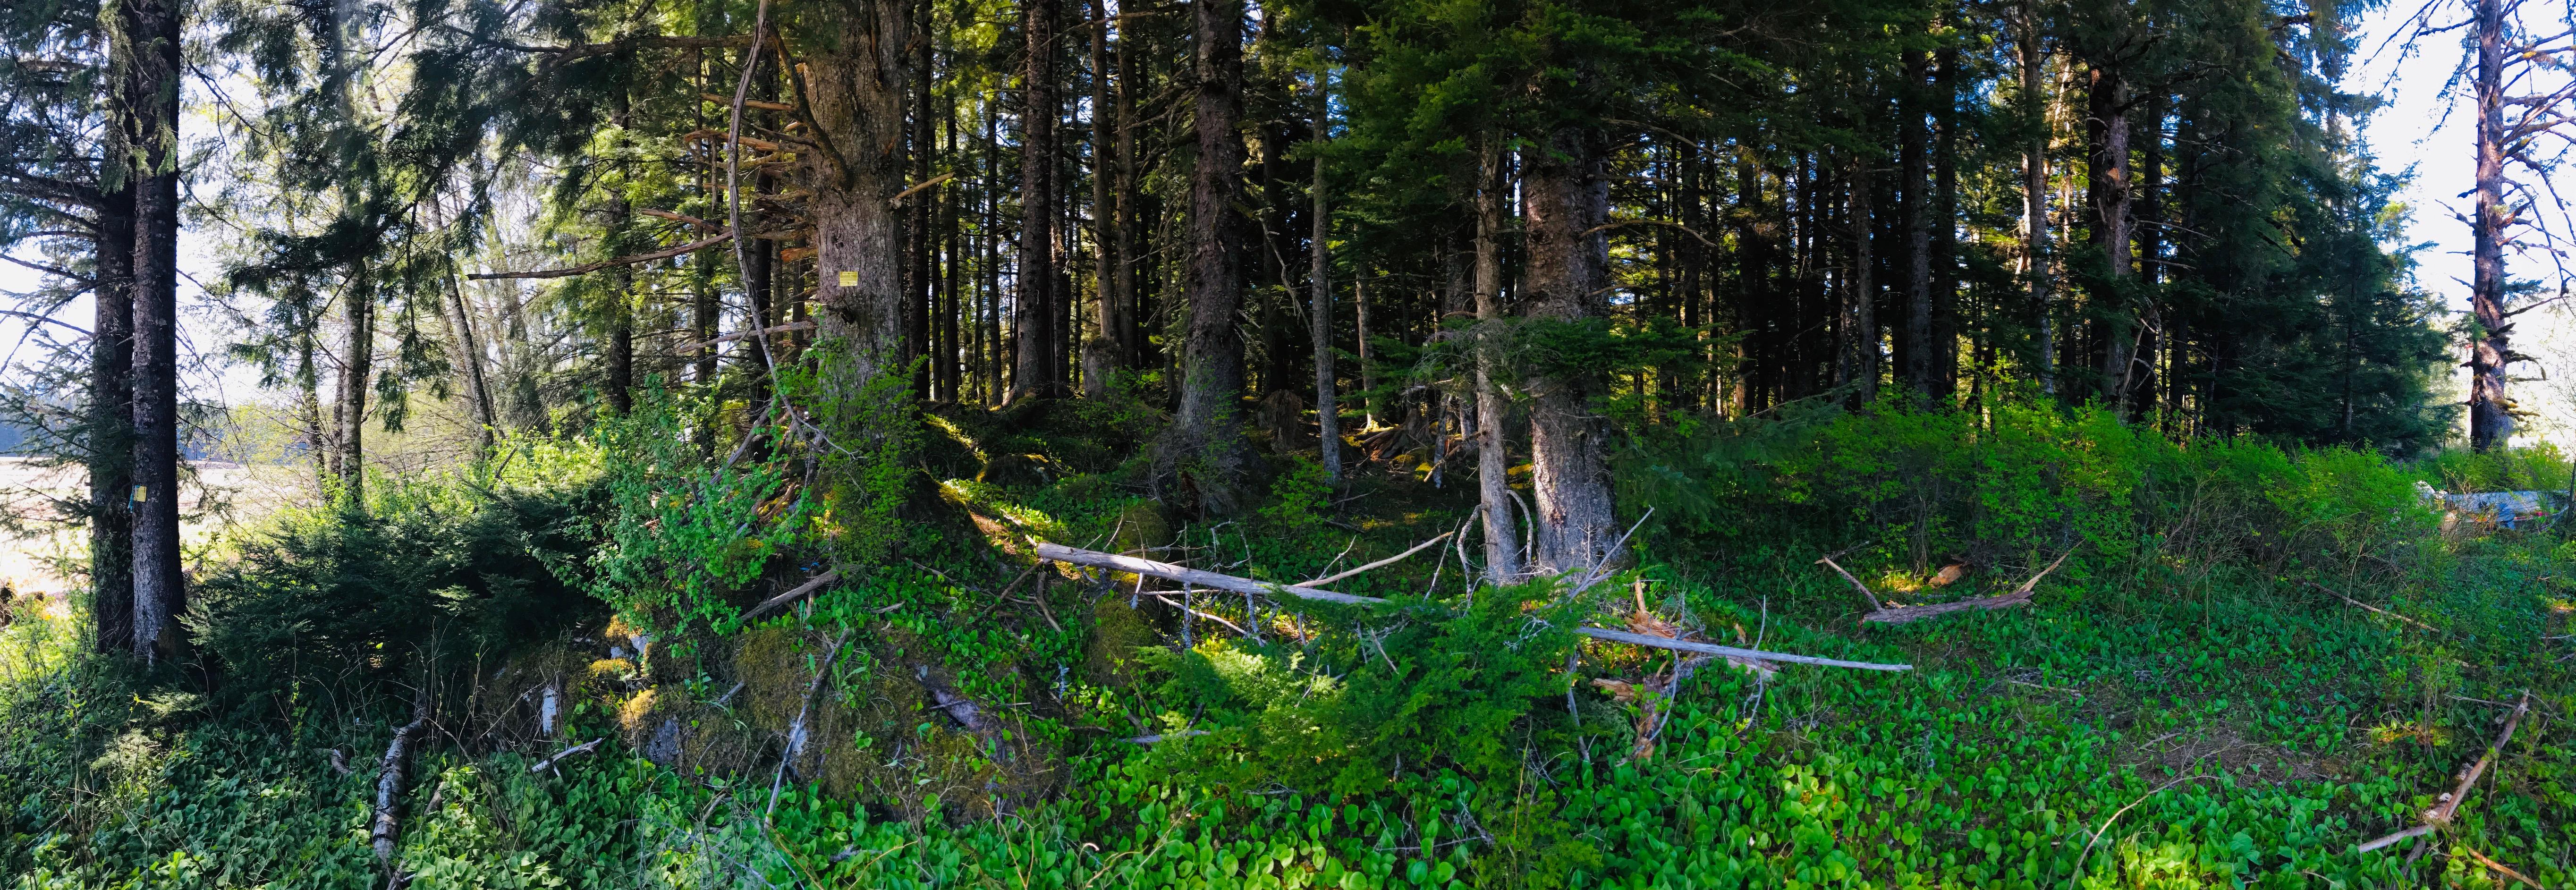 pano-of-woods.jpg